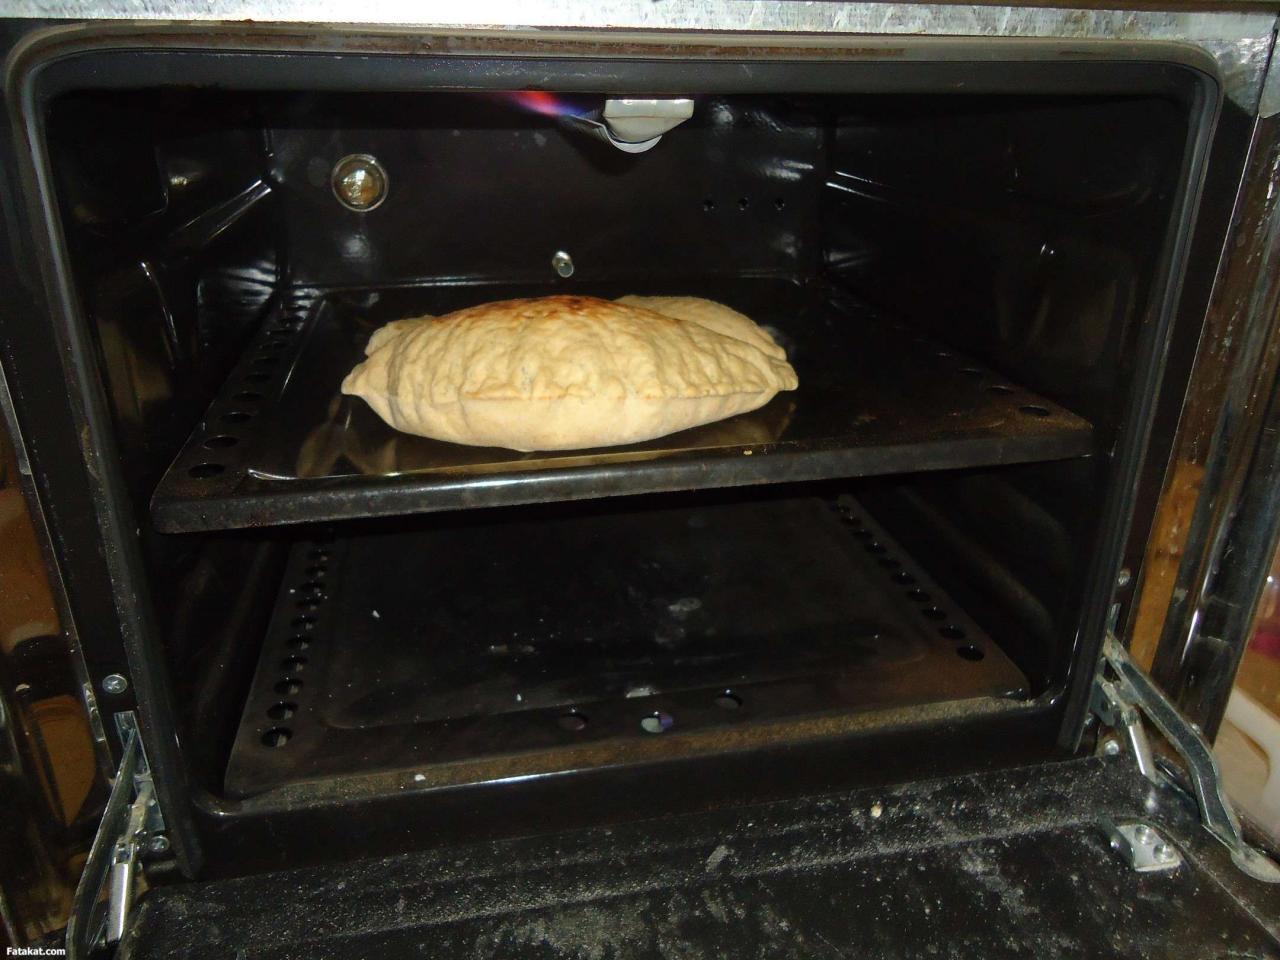 بالصور فرن الخبز المنزلي , افضل فرن منزلى 12315 2